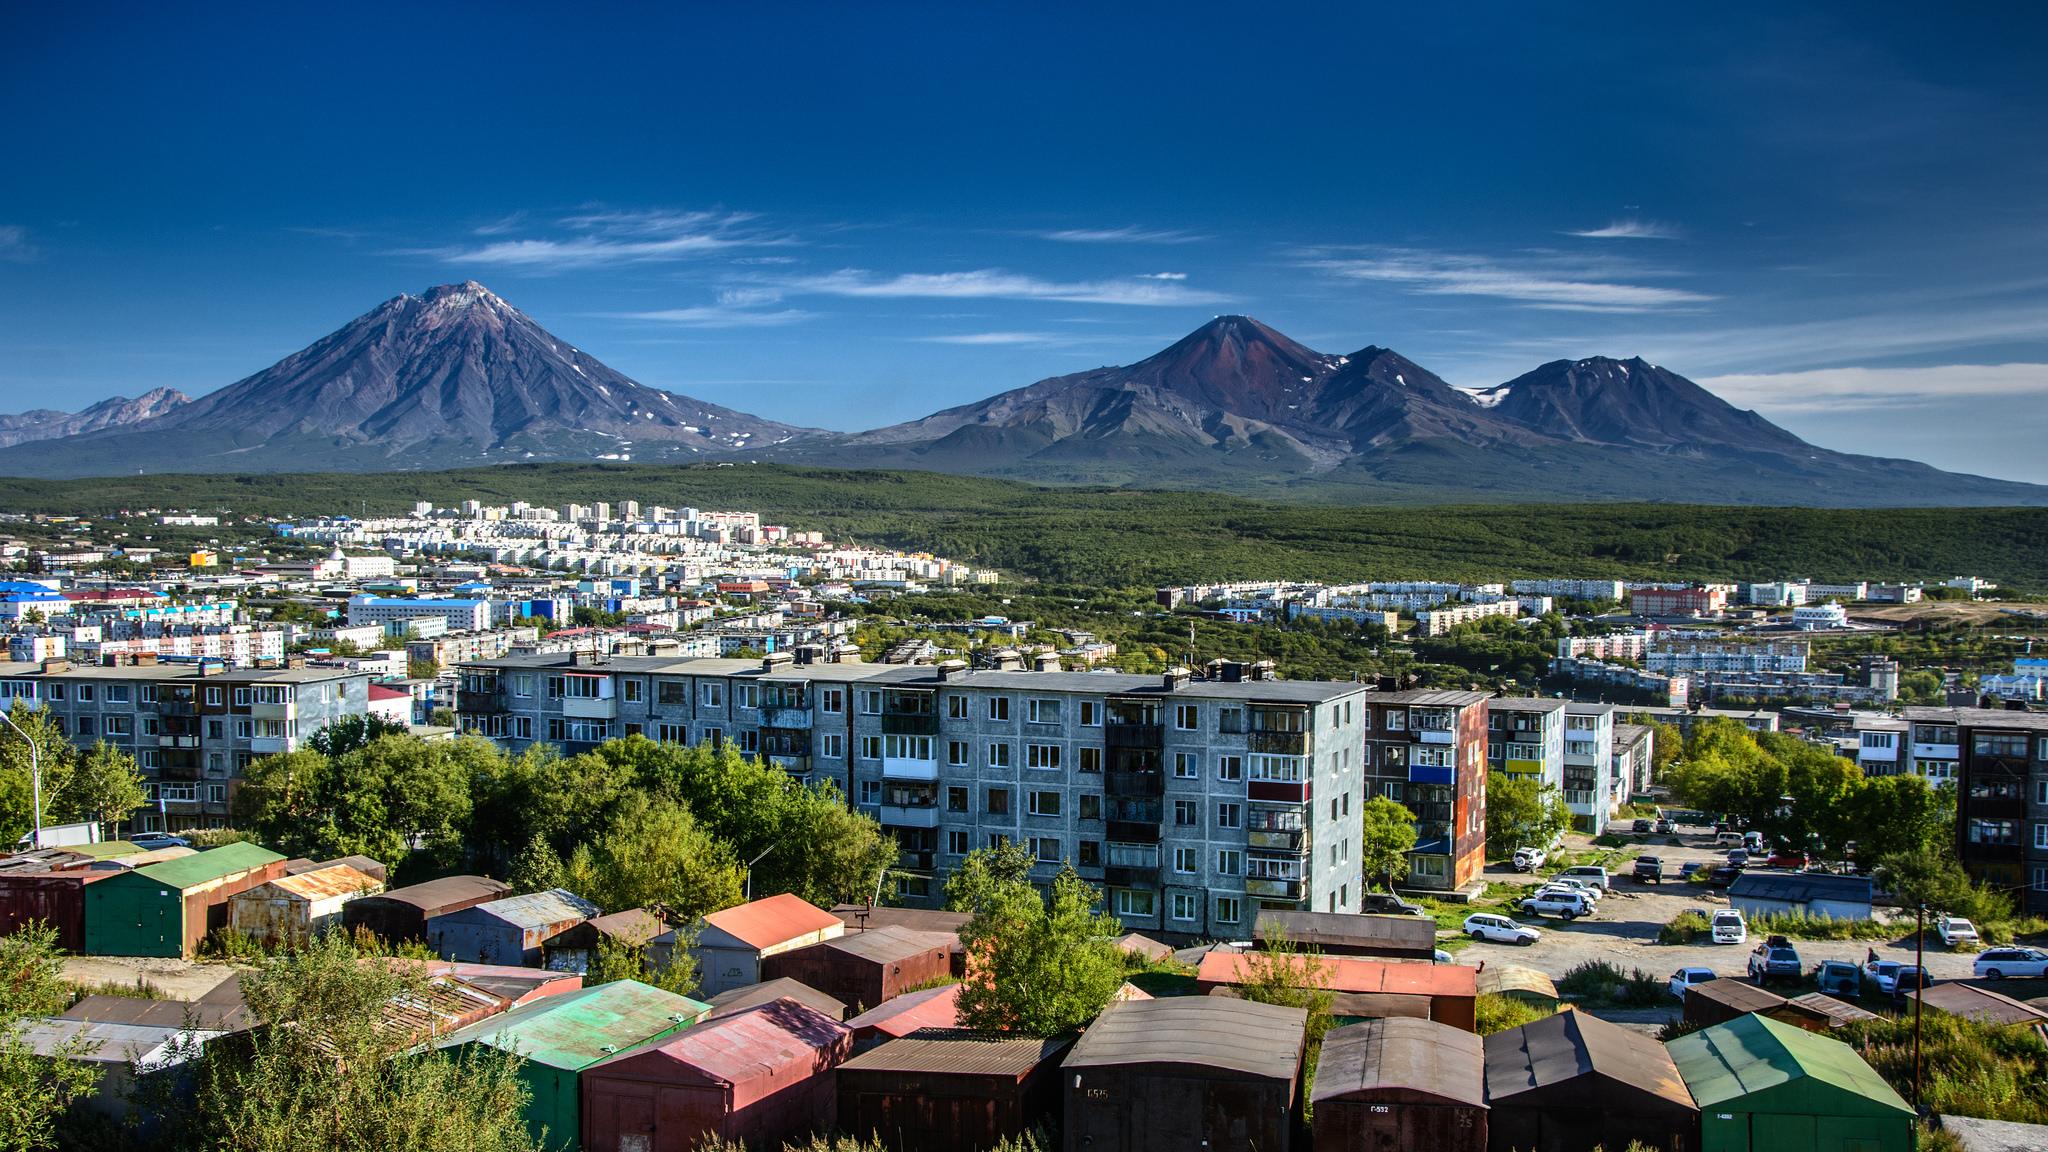 2017-Nature-Volcanoes-View-on-the-volcano-Avachinskaya-Sopka-Kamchatka-113352